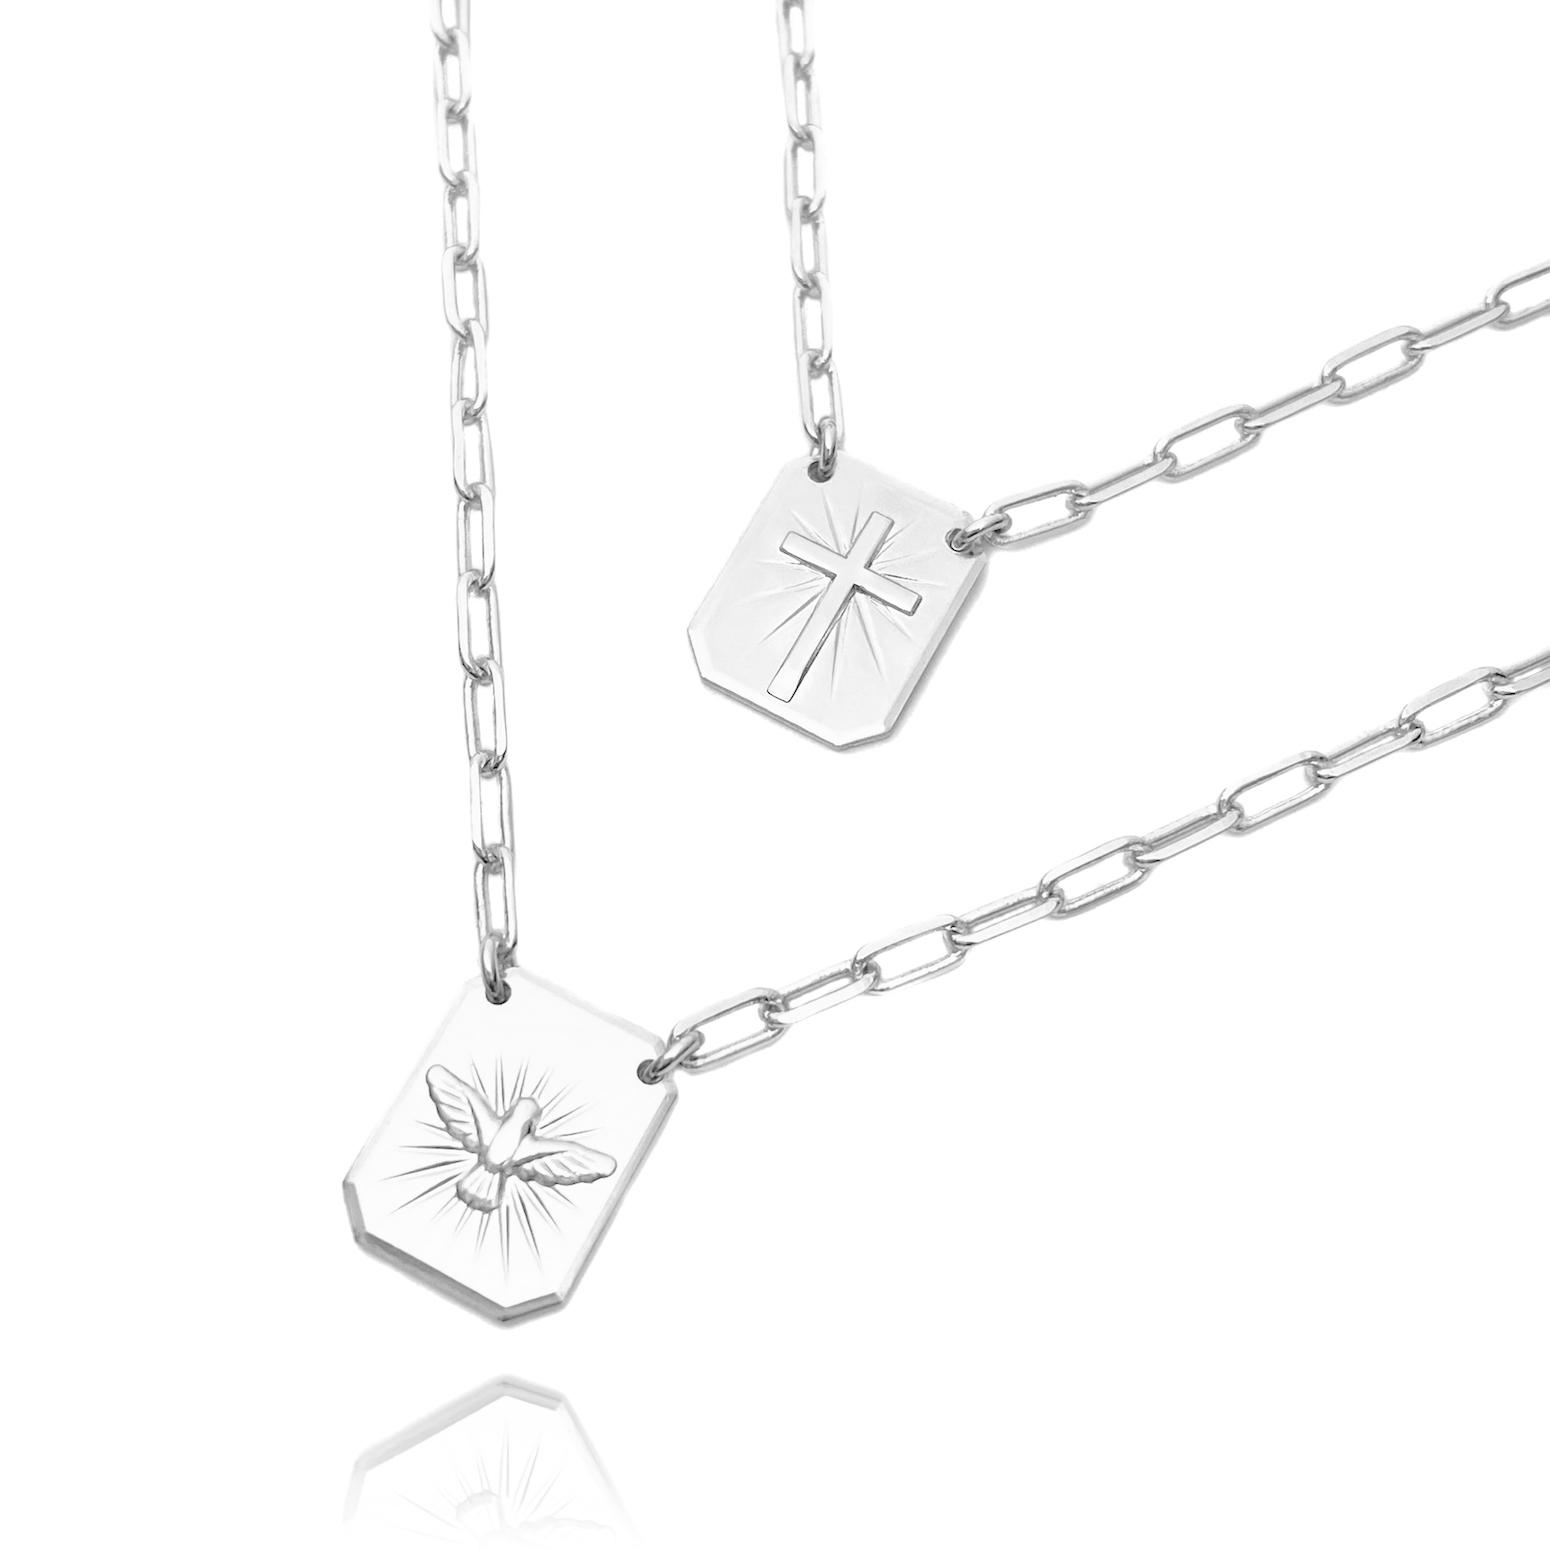 Escapulário Divino Espirito Santo + Cruz 70cm x 2,8mm Carrier Diamantada (10g) (Banho Prata 925)